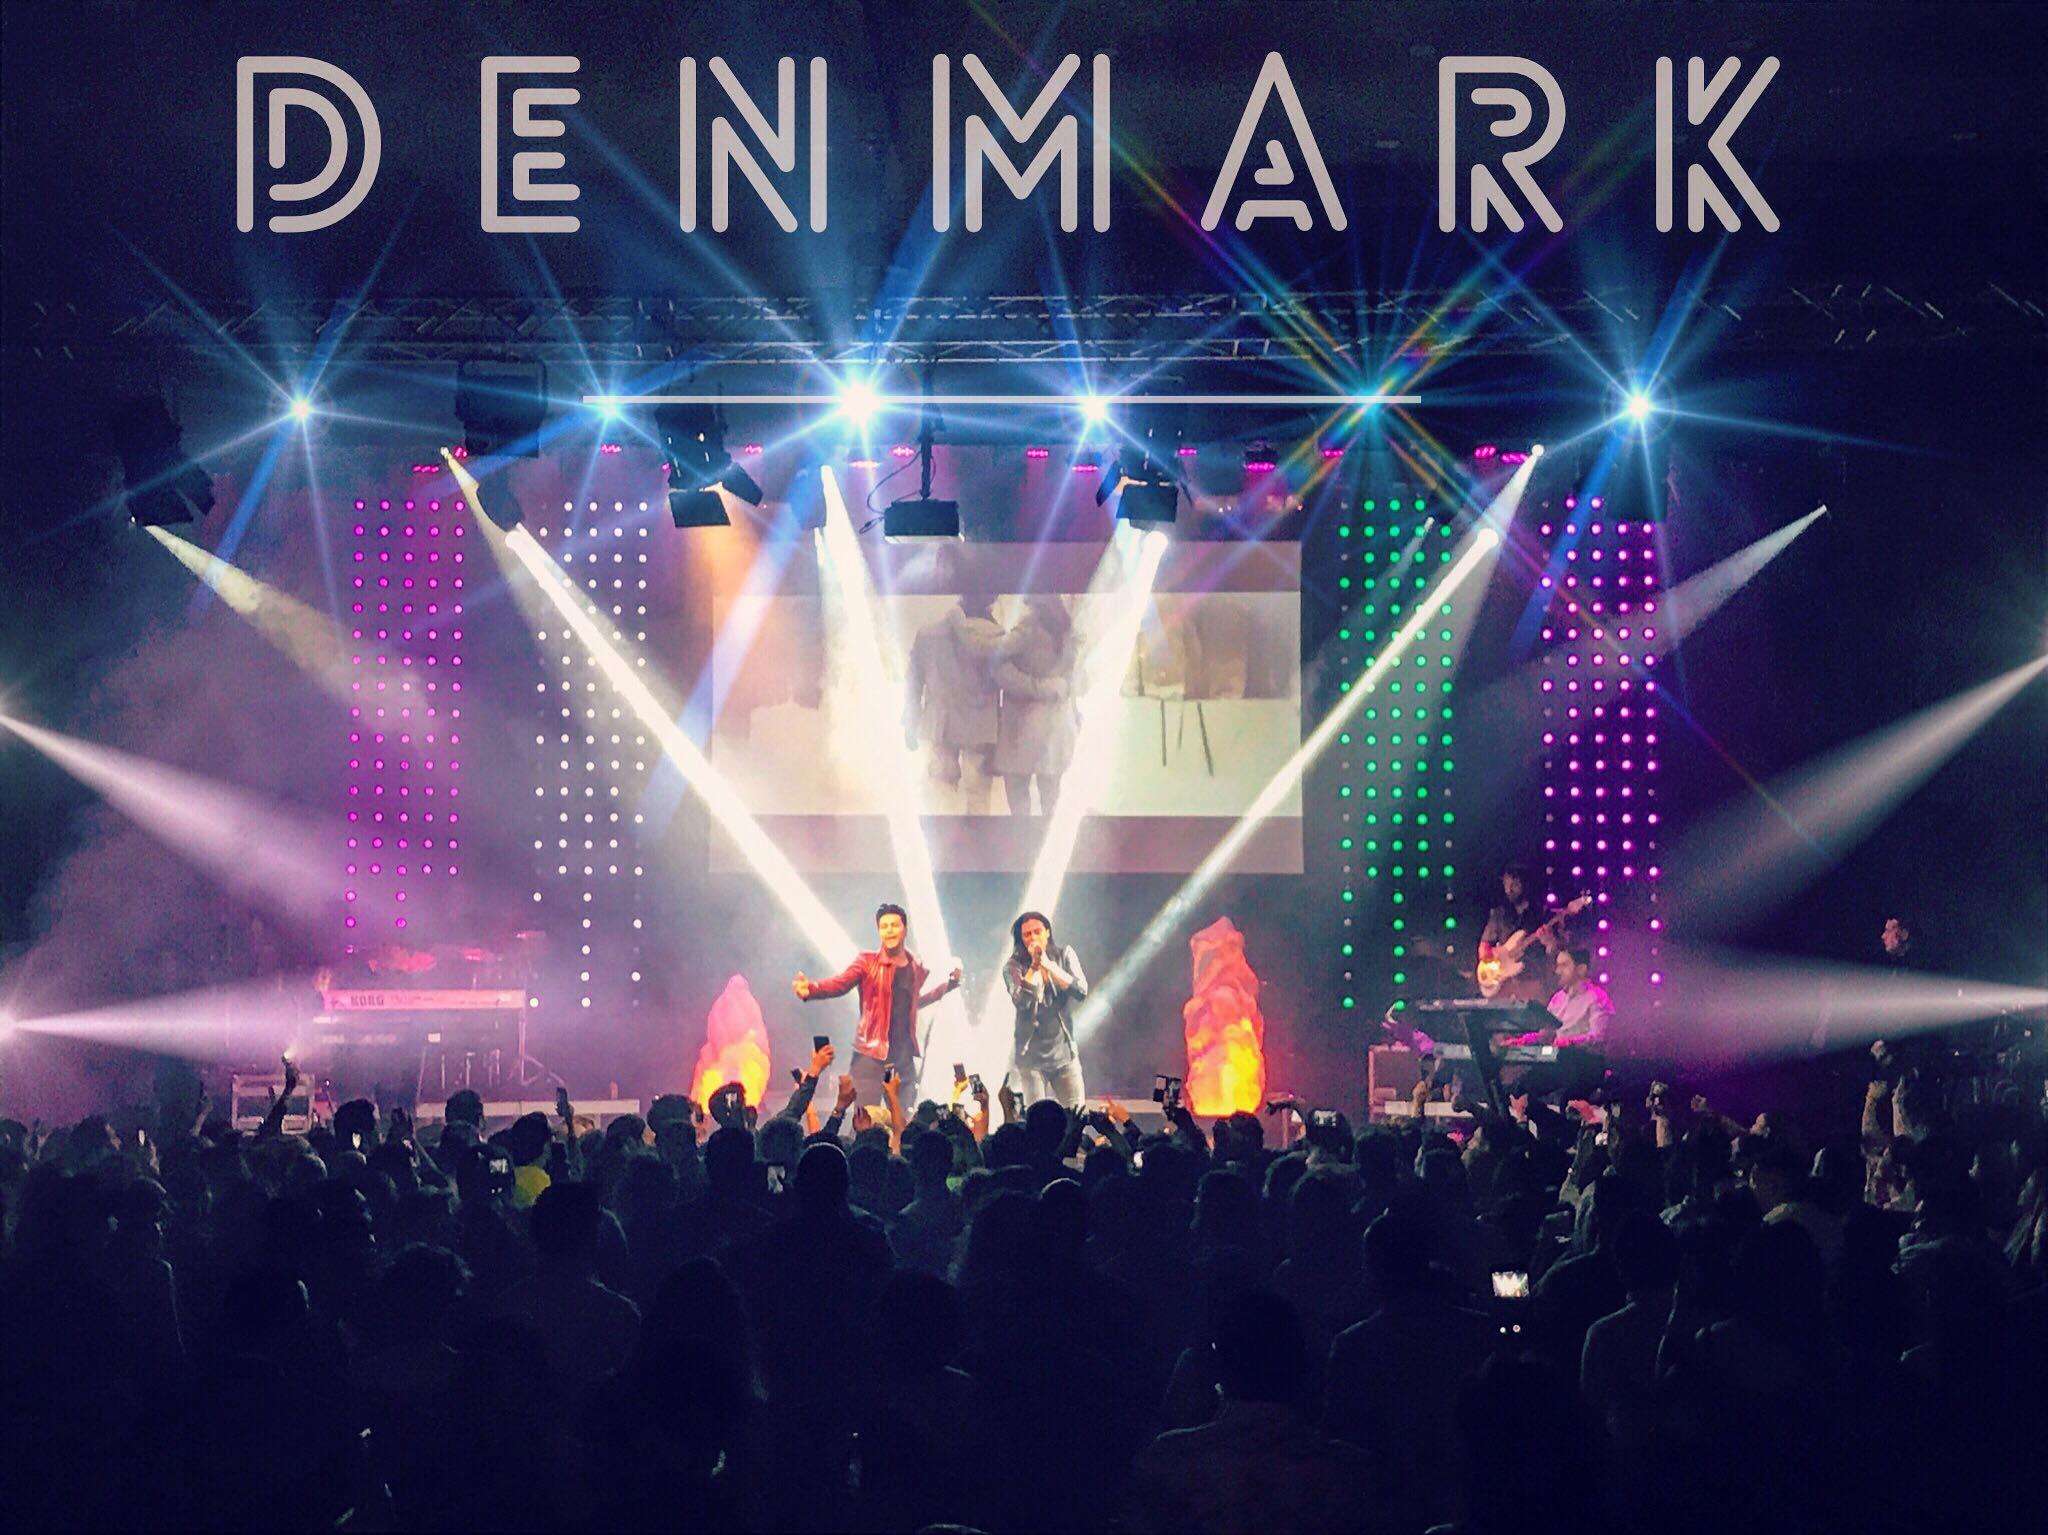 002-Denmark